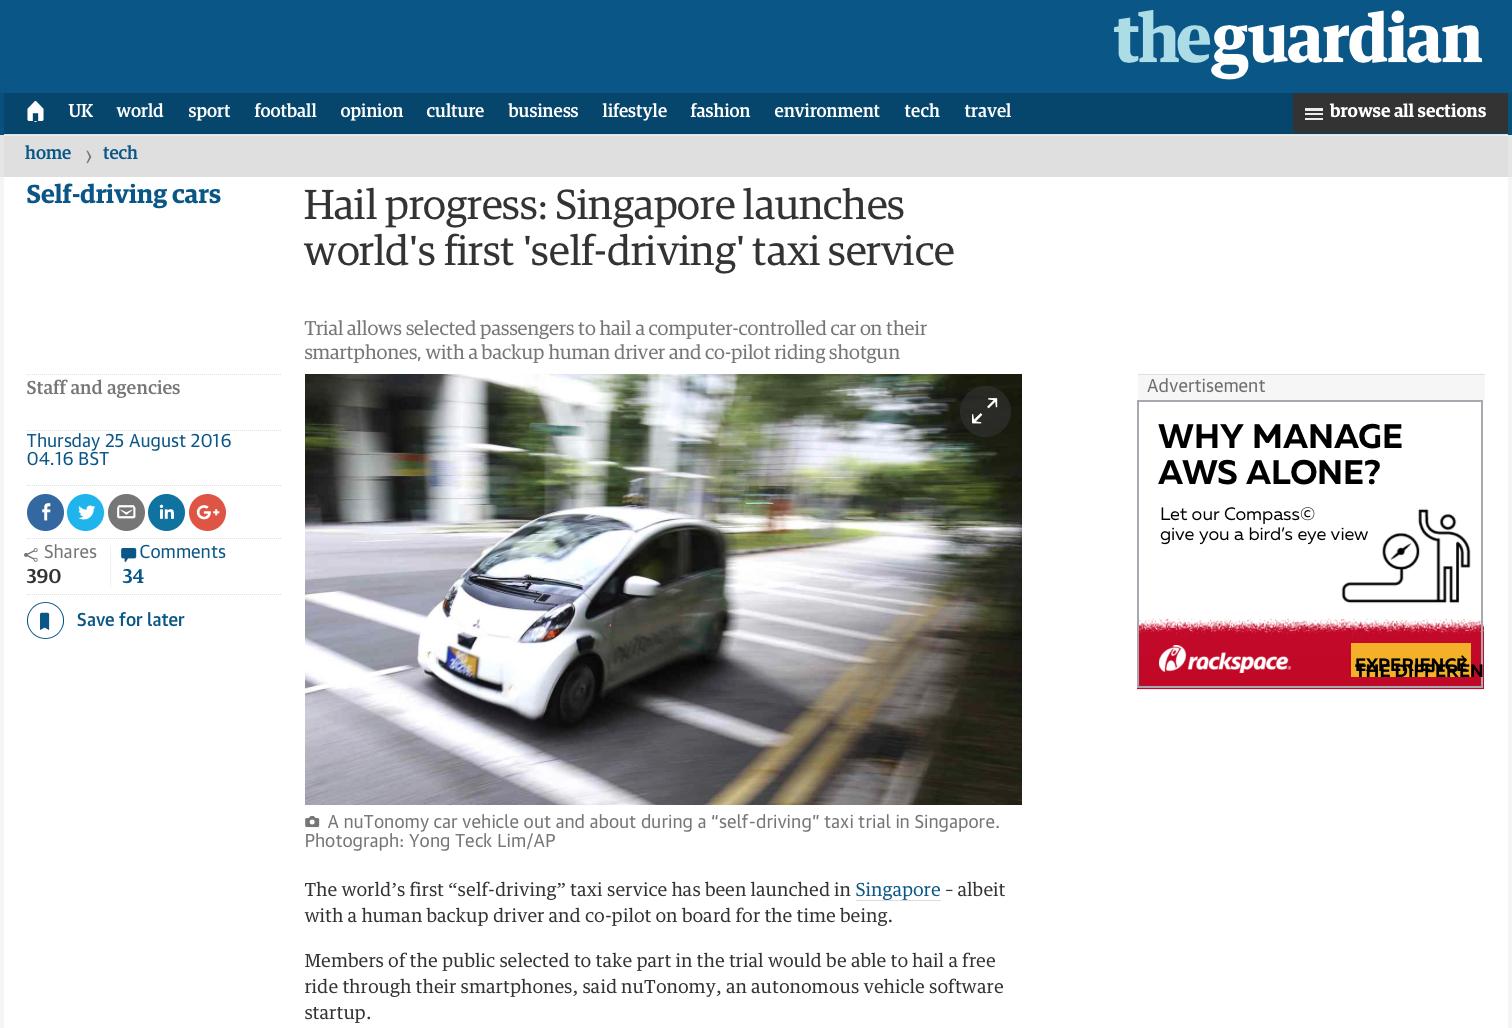 nuTonomy - Autonomous taxi feature for the Associated Press (www.apimages.com)